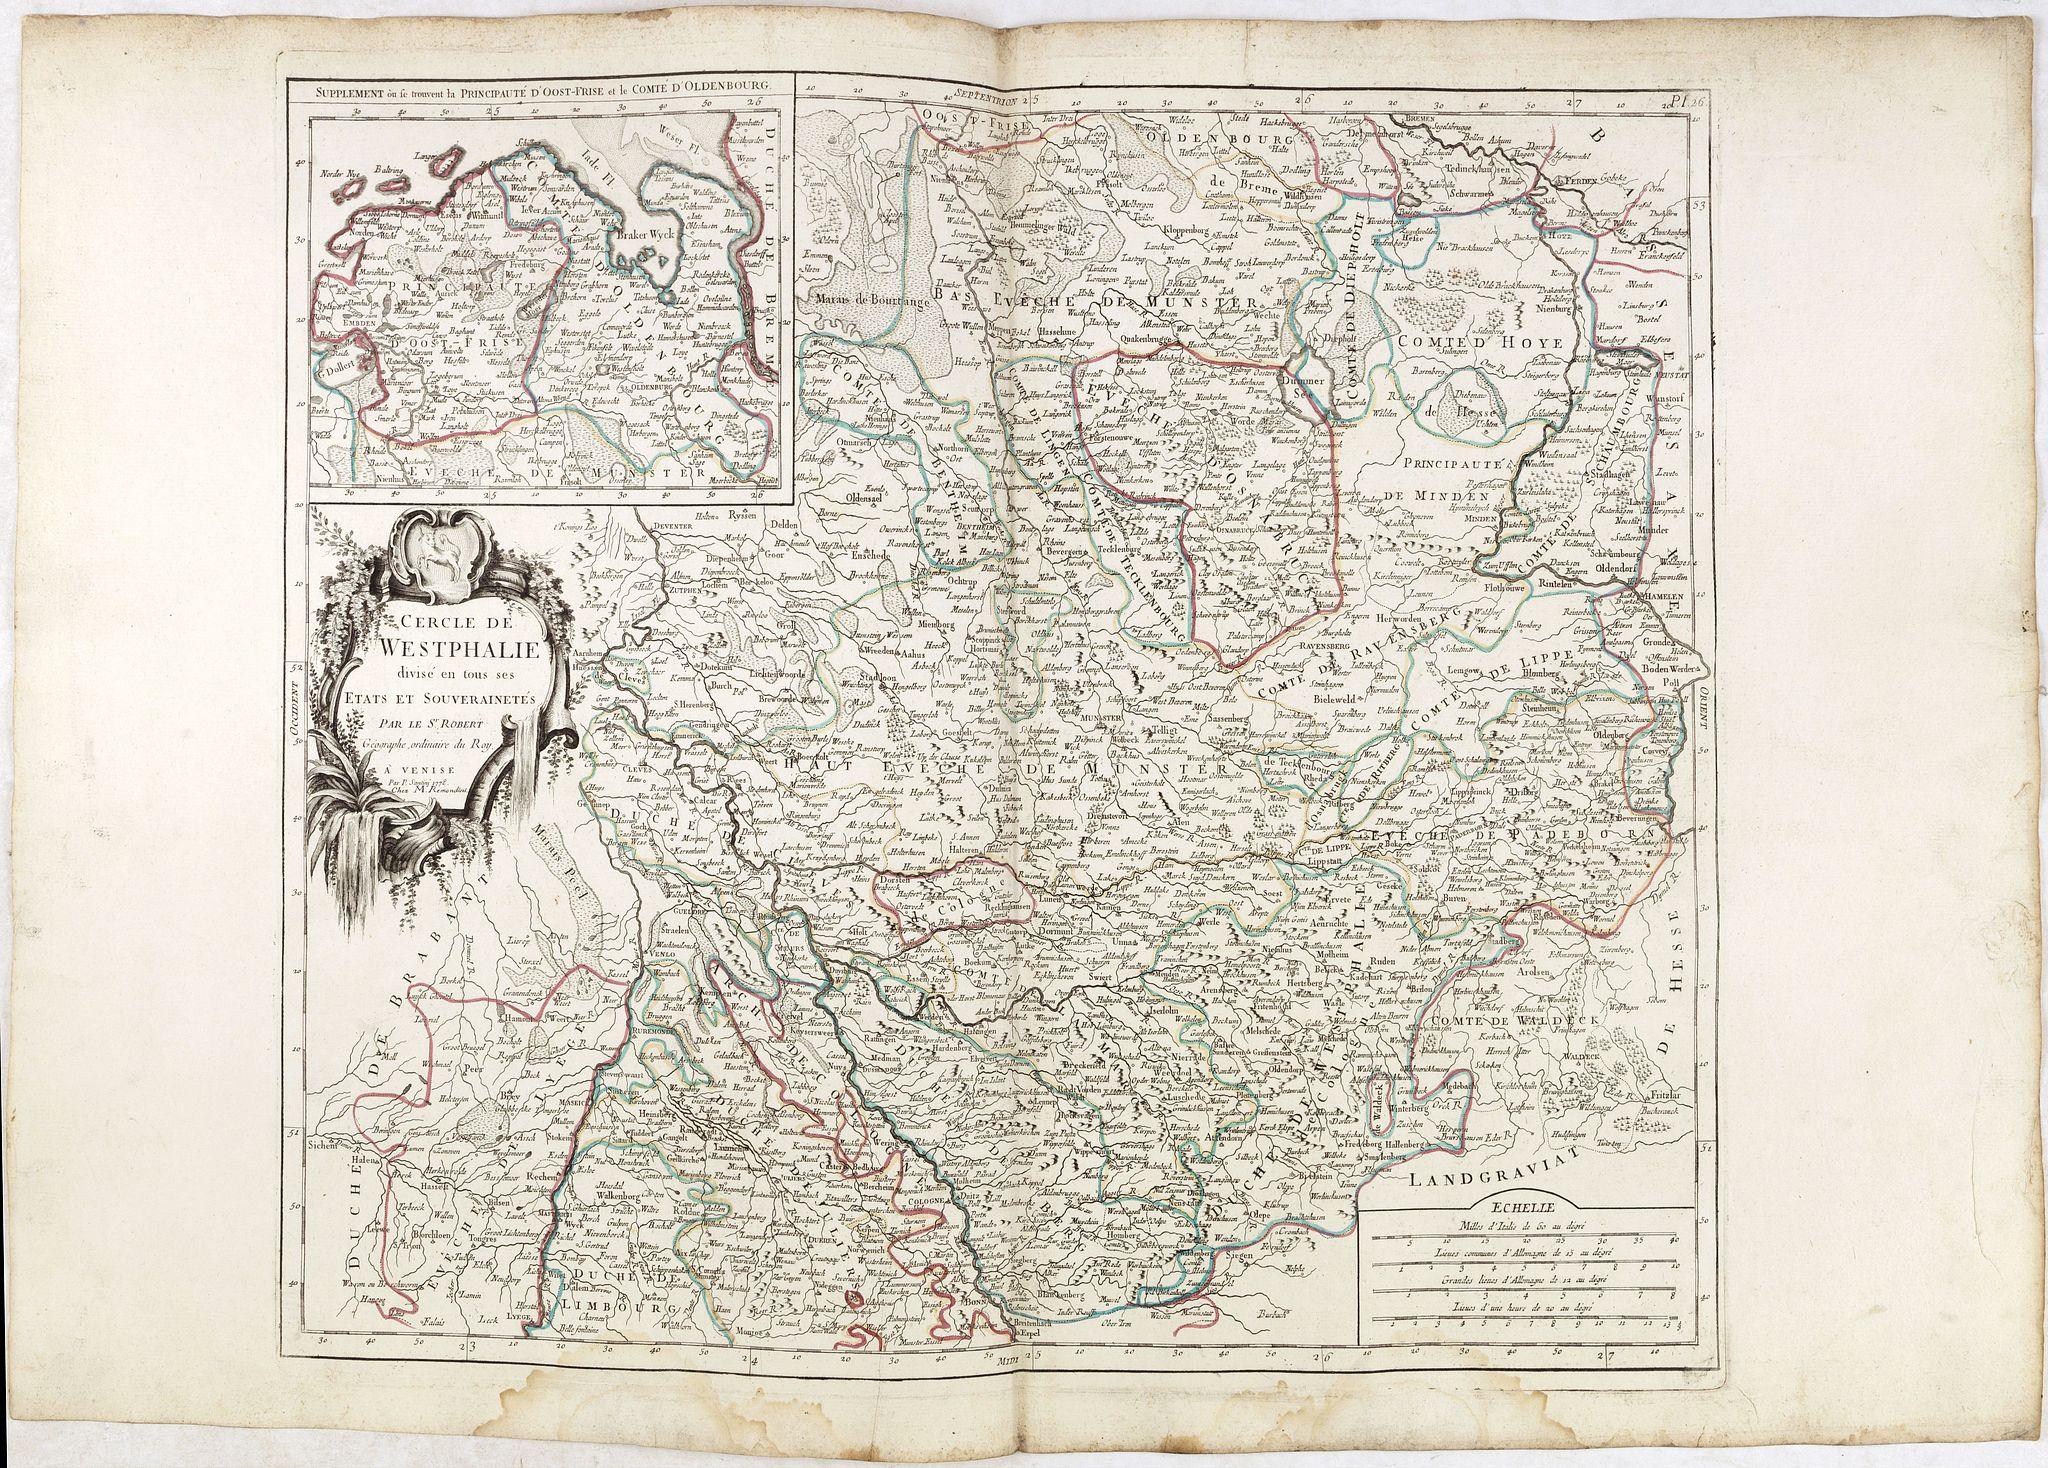 SANTINI, P. / REMONDINI, M. -  Cercle de Westphalie divisé en tous ses Etats et Souverainetés.